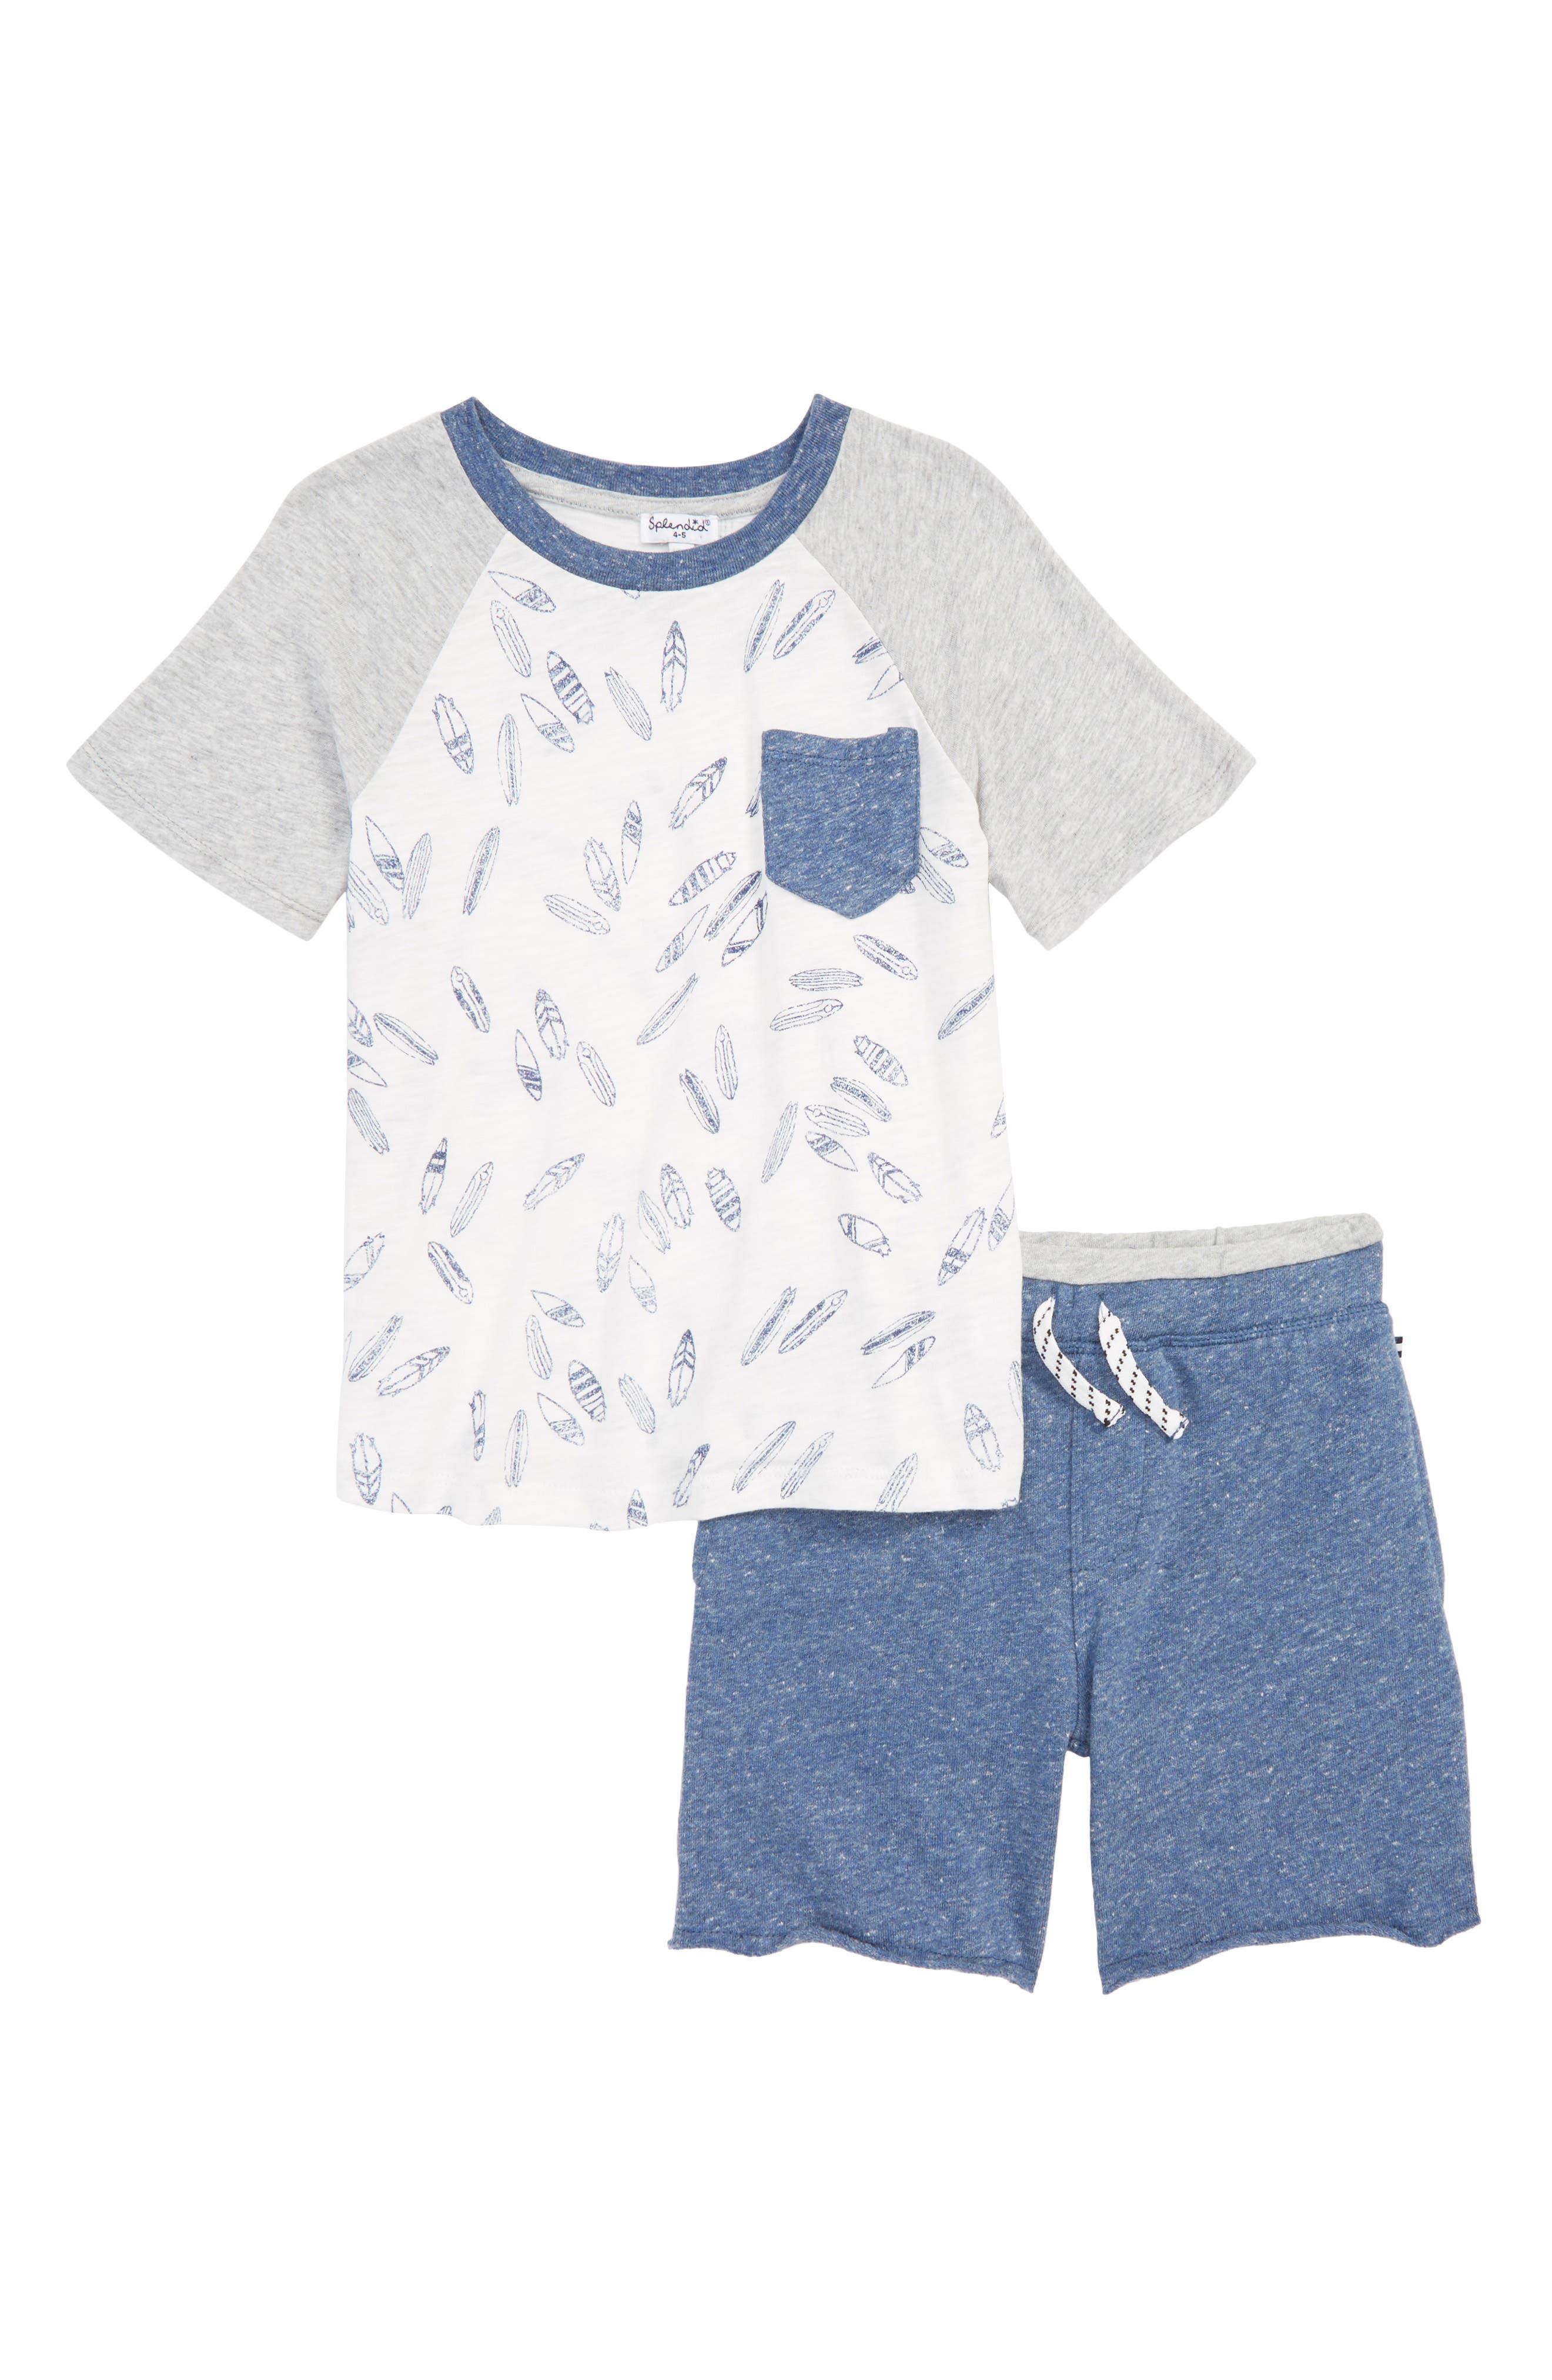 Surfboard T-Shirt & Shorts Set,                         Main,                         color,